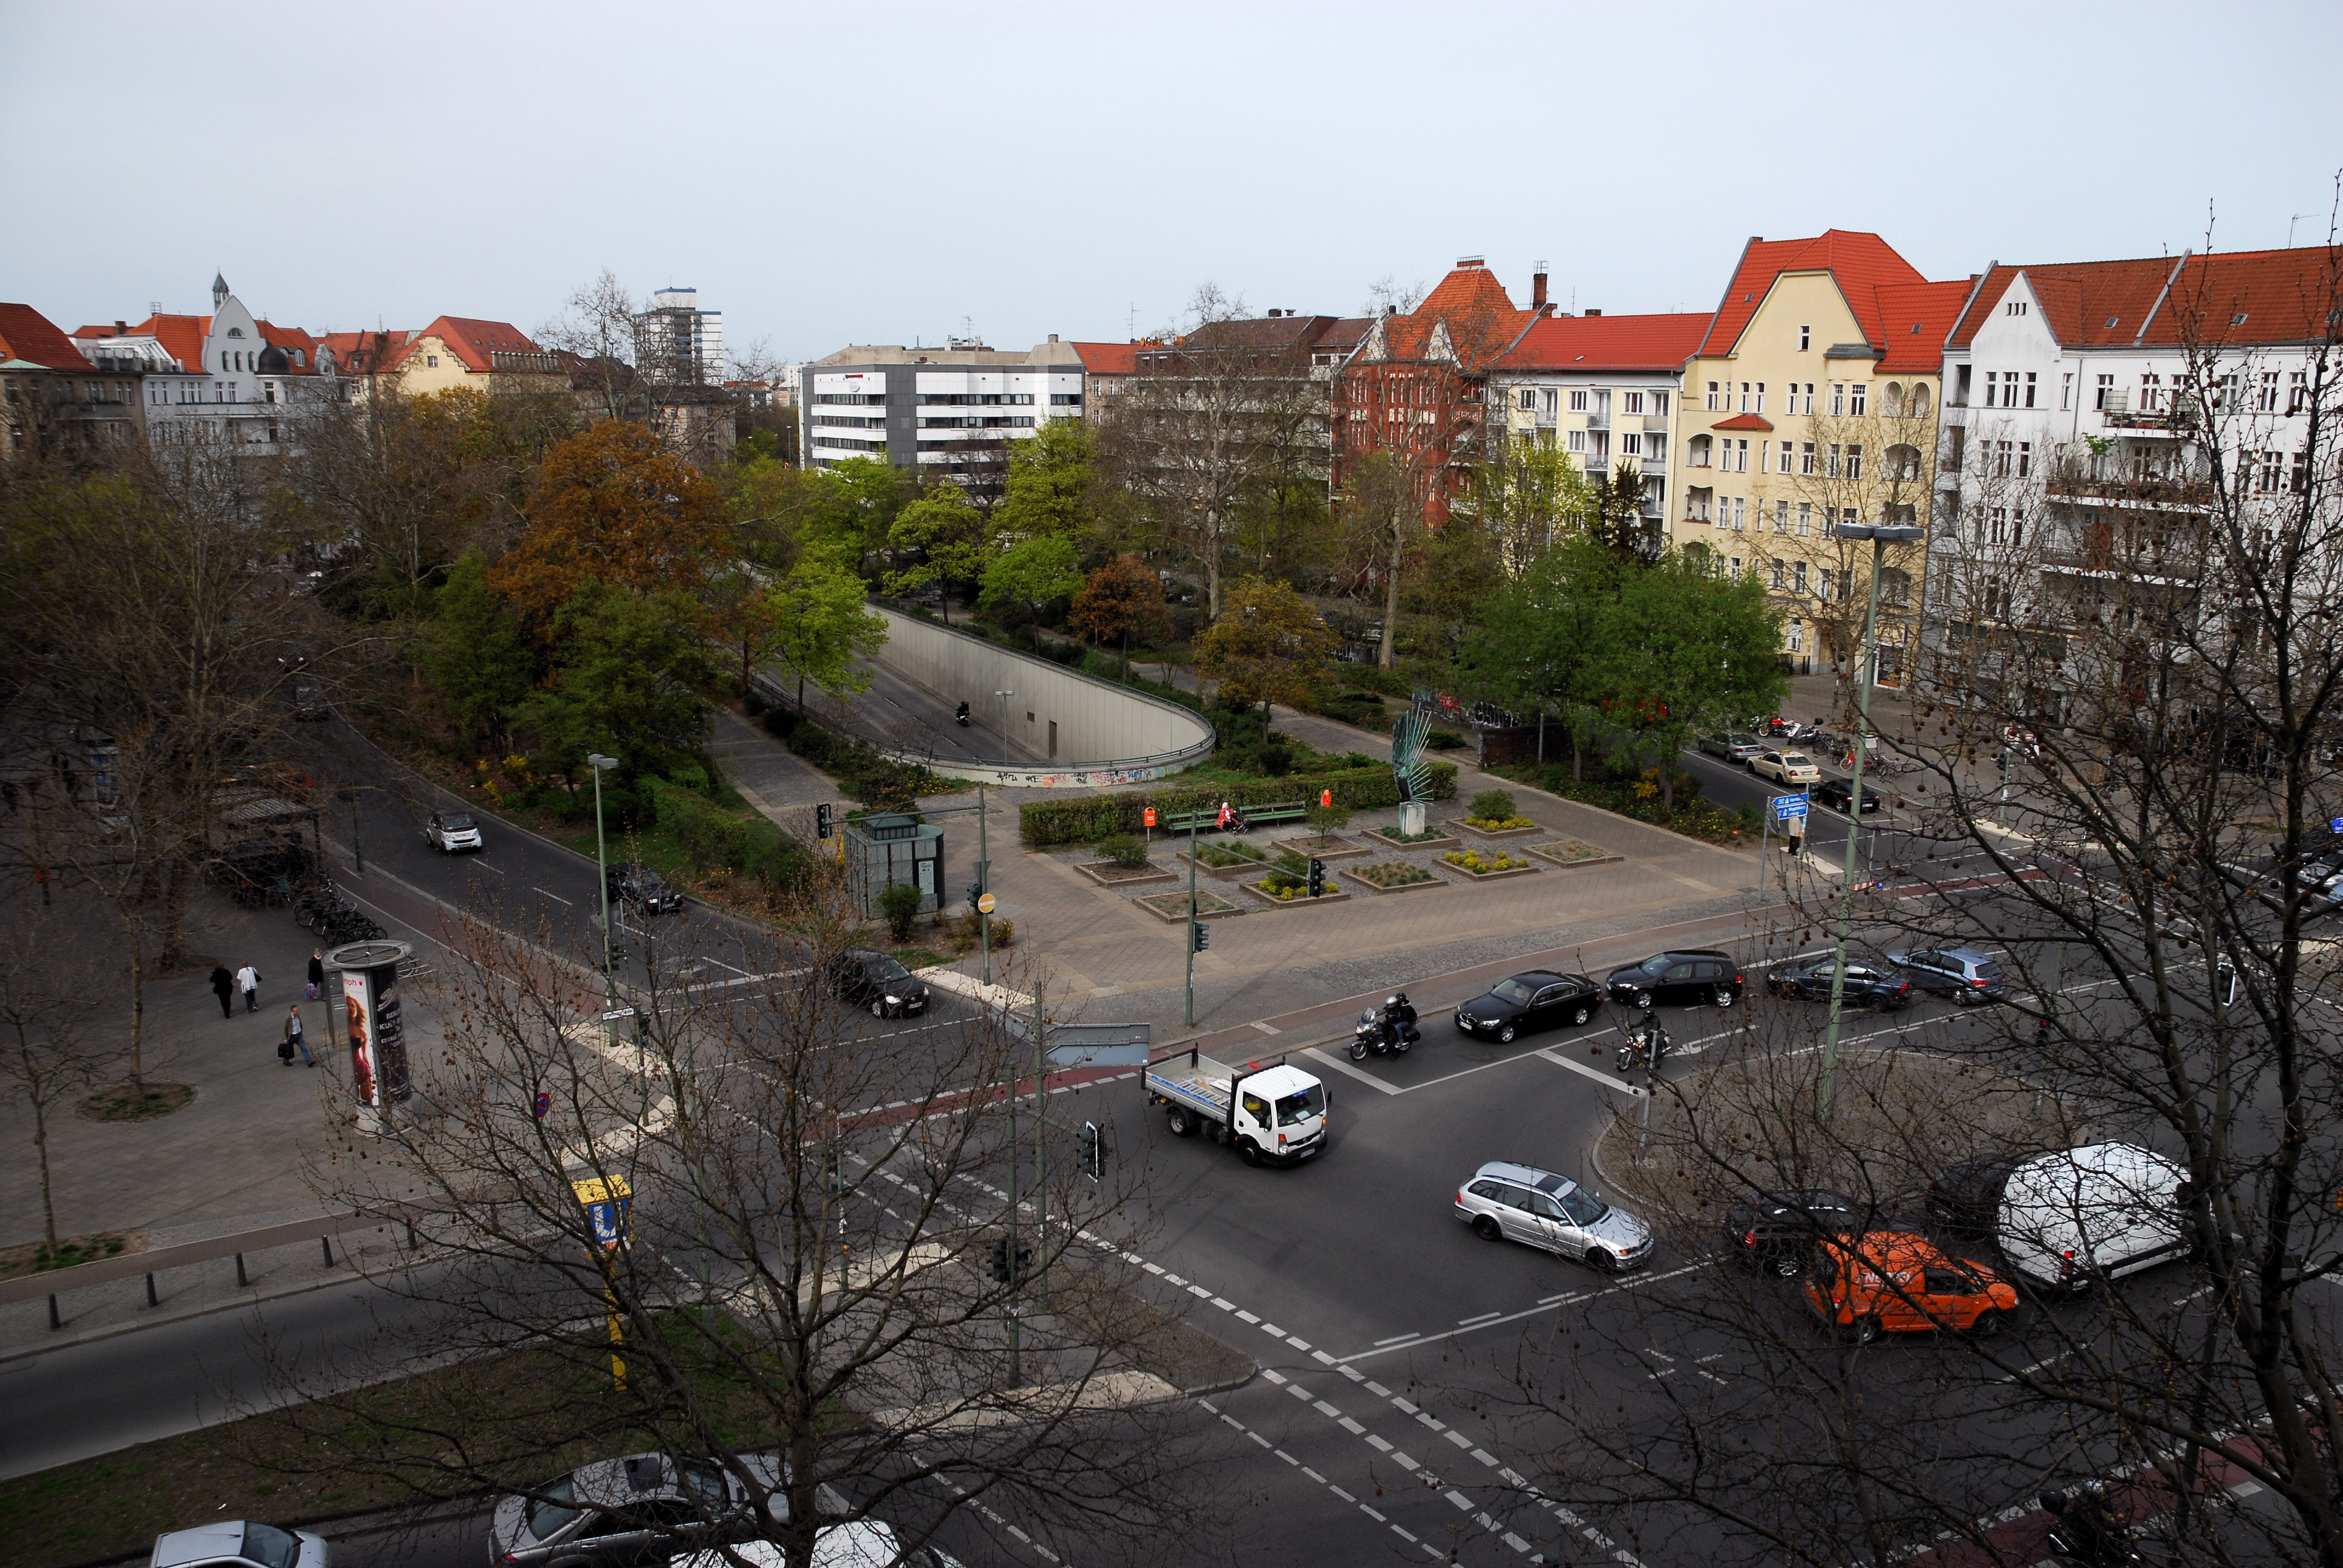 Bundesplatz Berlin